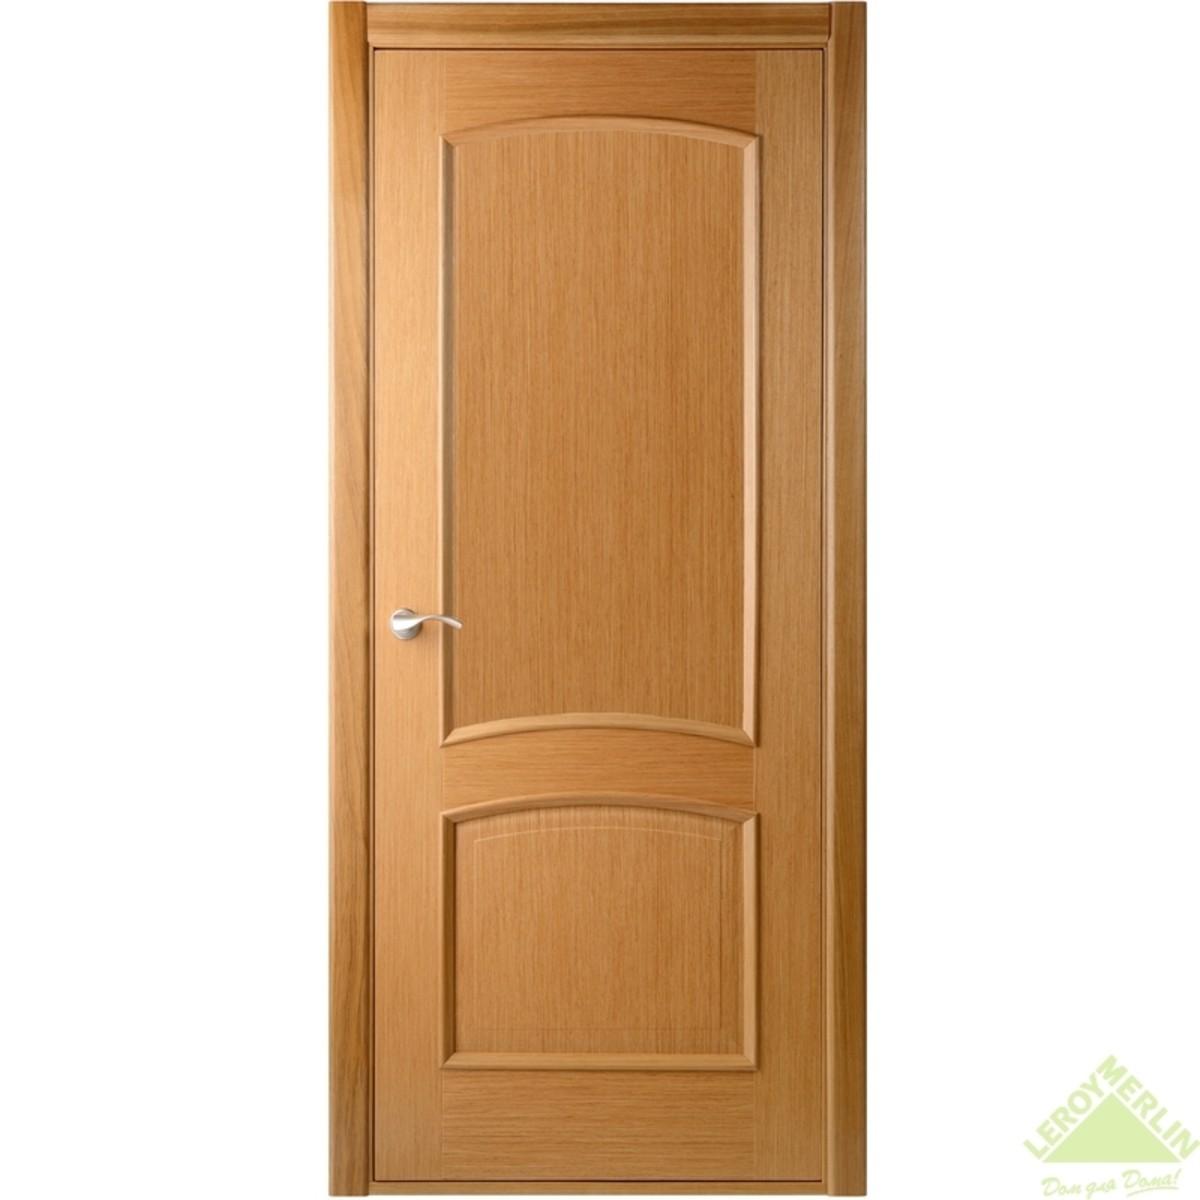 Полотно дверное глухое Сорренто 2000x800 мм шпон дуб